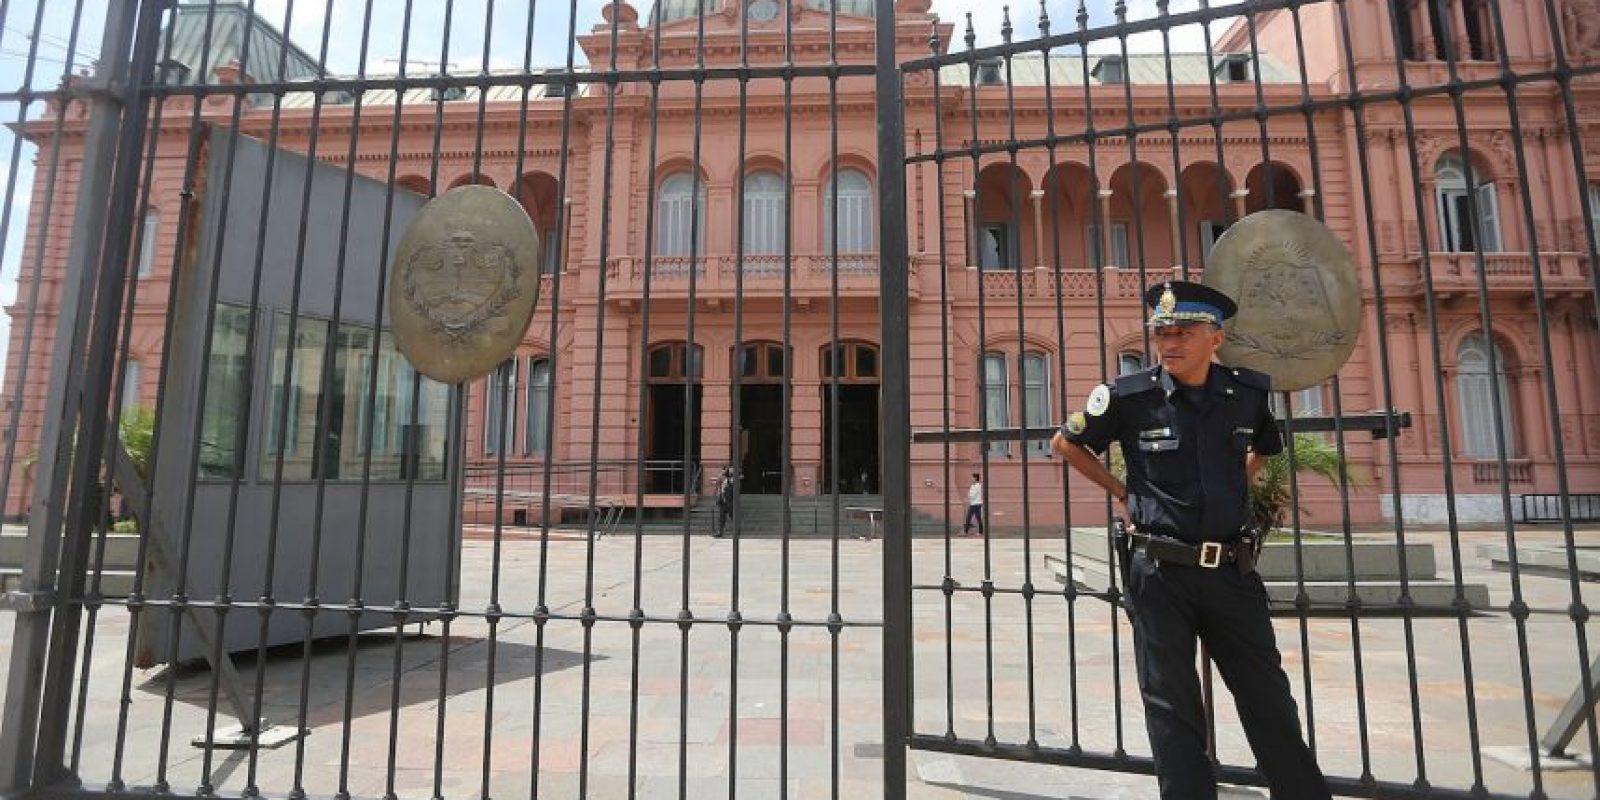 Las autoridades acusan a Esteban Brouwer de Koning de estafador y defraudador. Foto:Getty Images